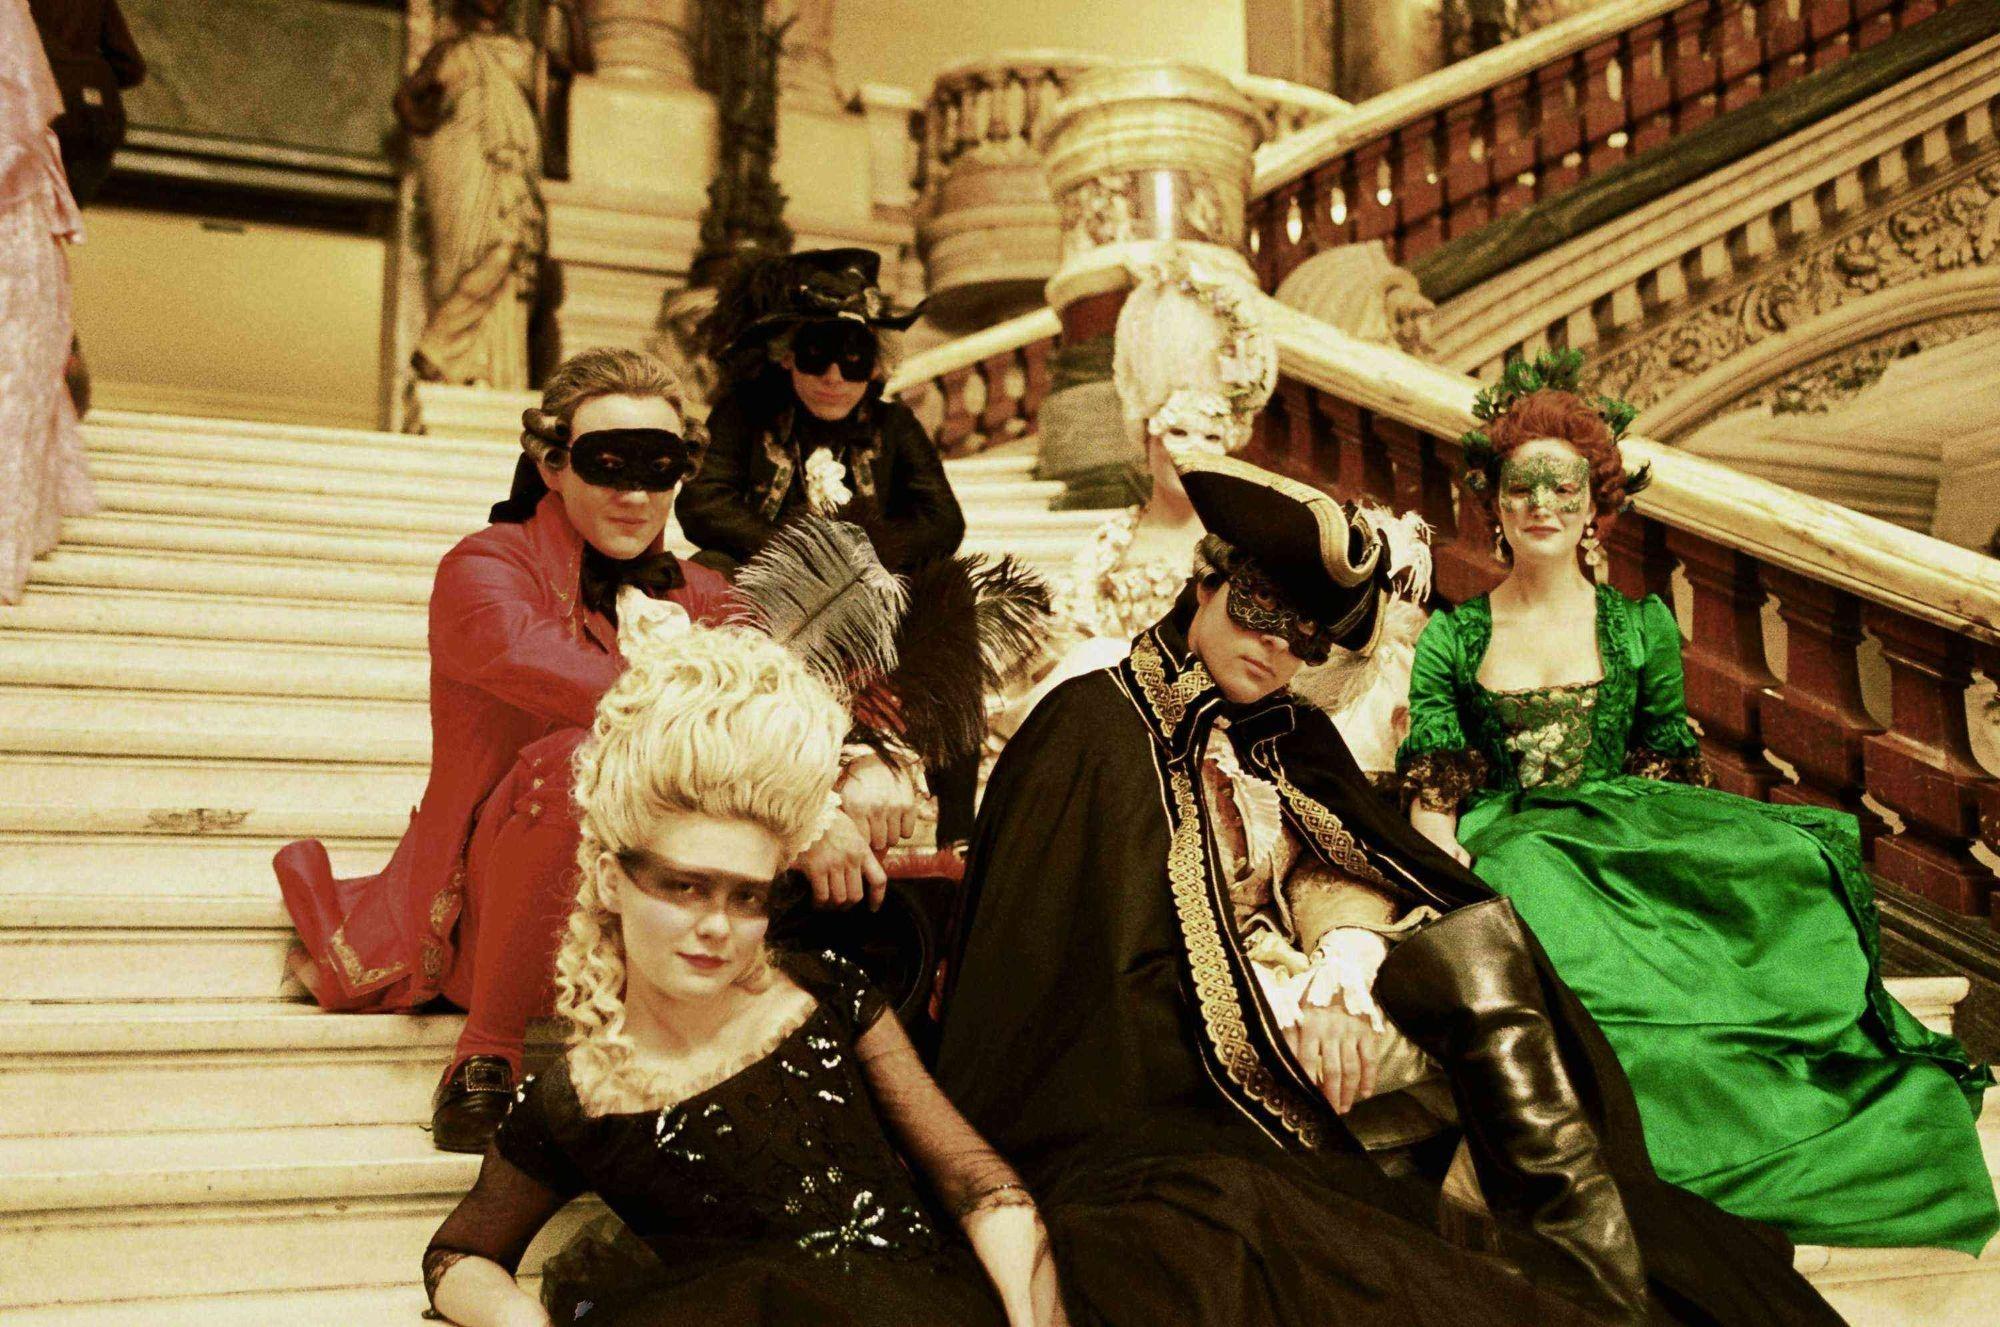 Carnevale sul divano: 5 film in costume o in maschera da (ri)vedere per Carnevale